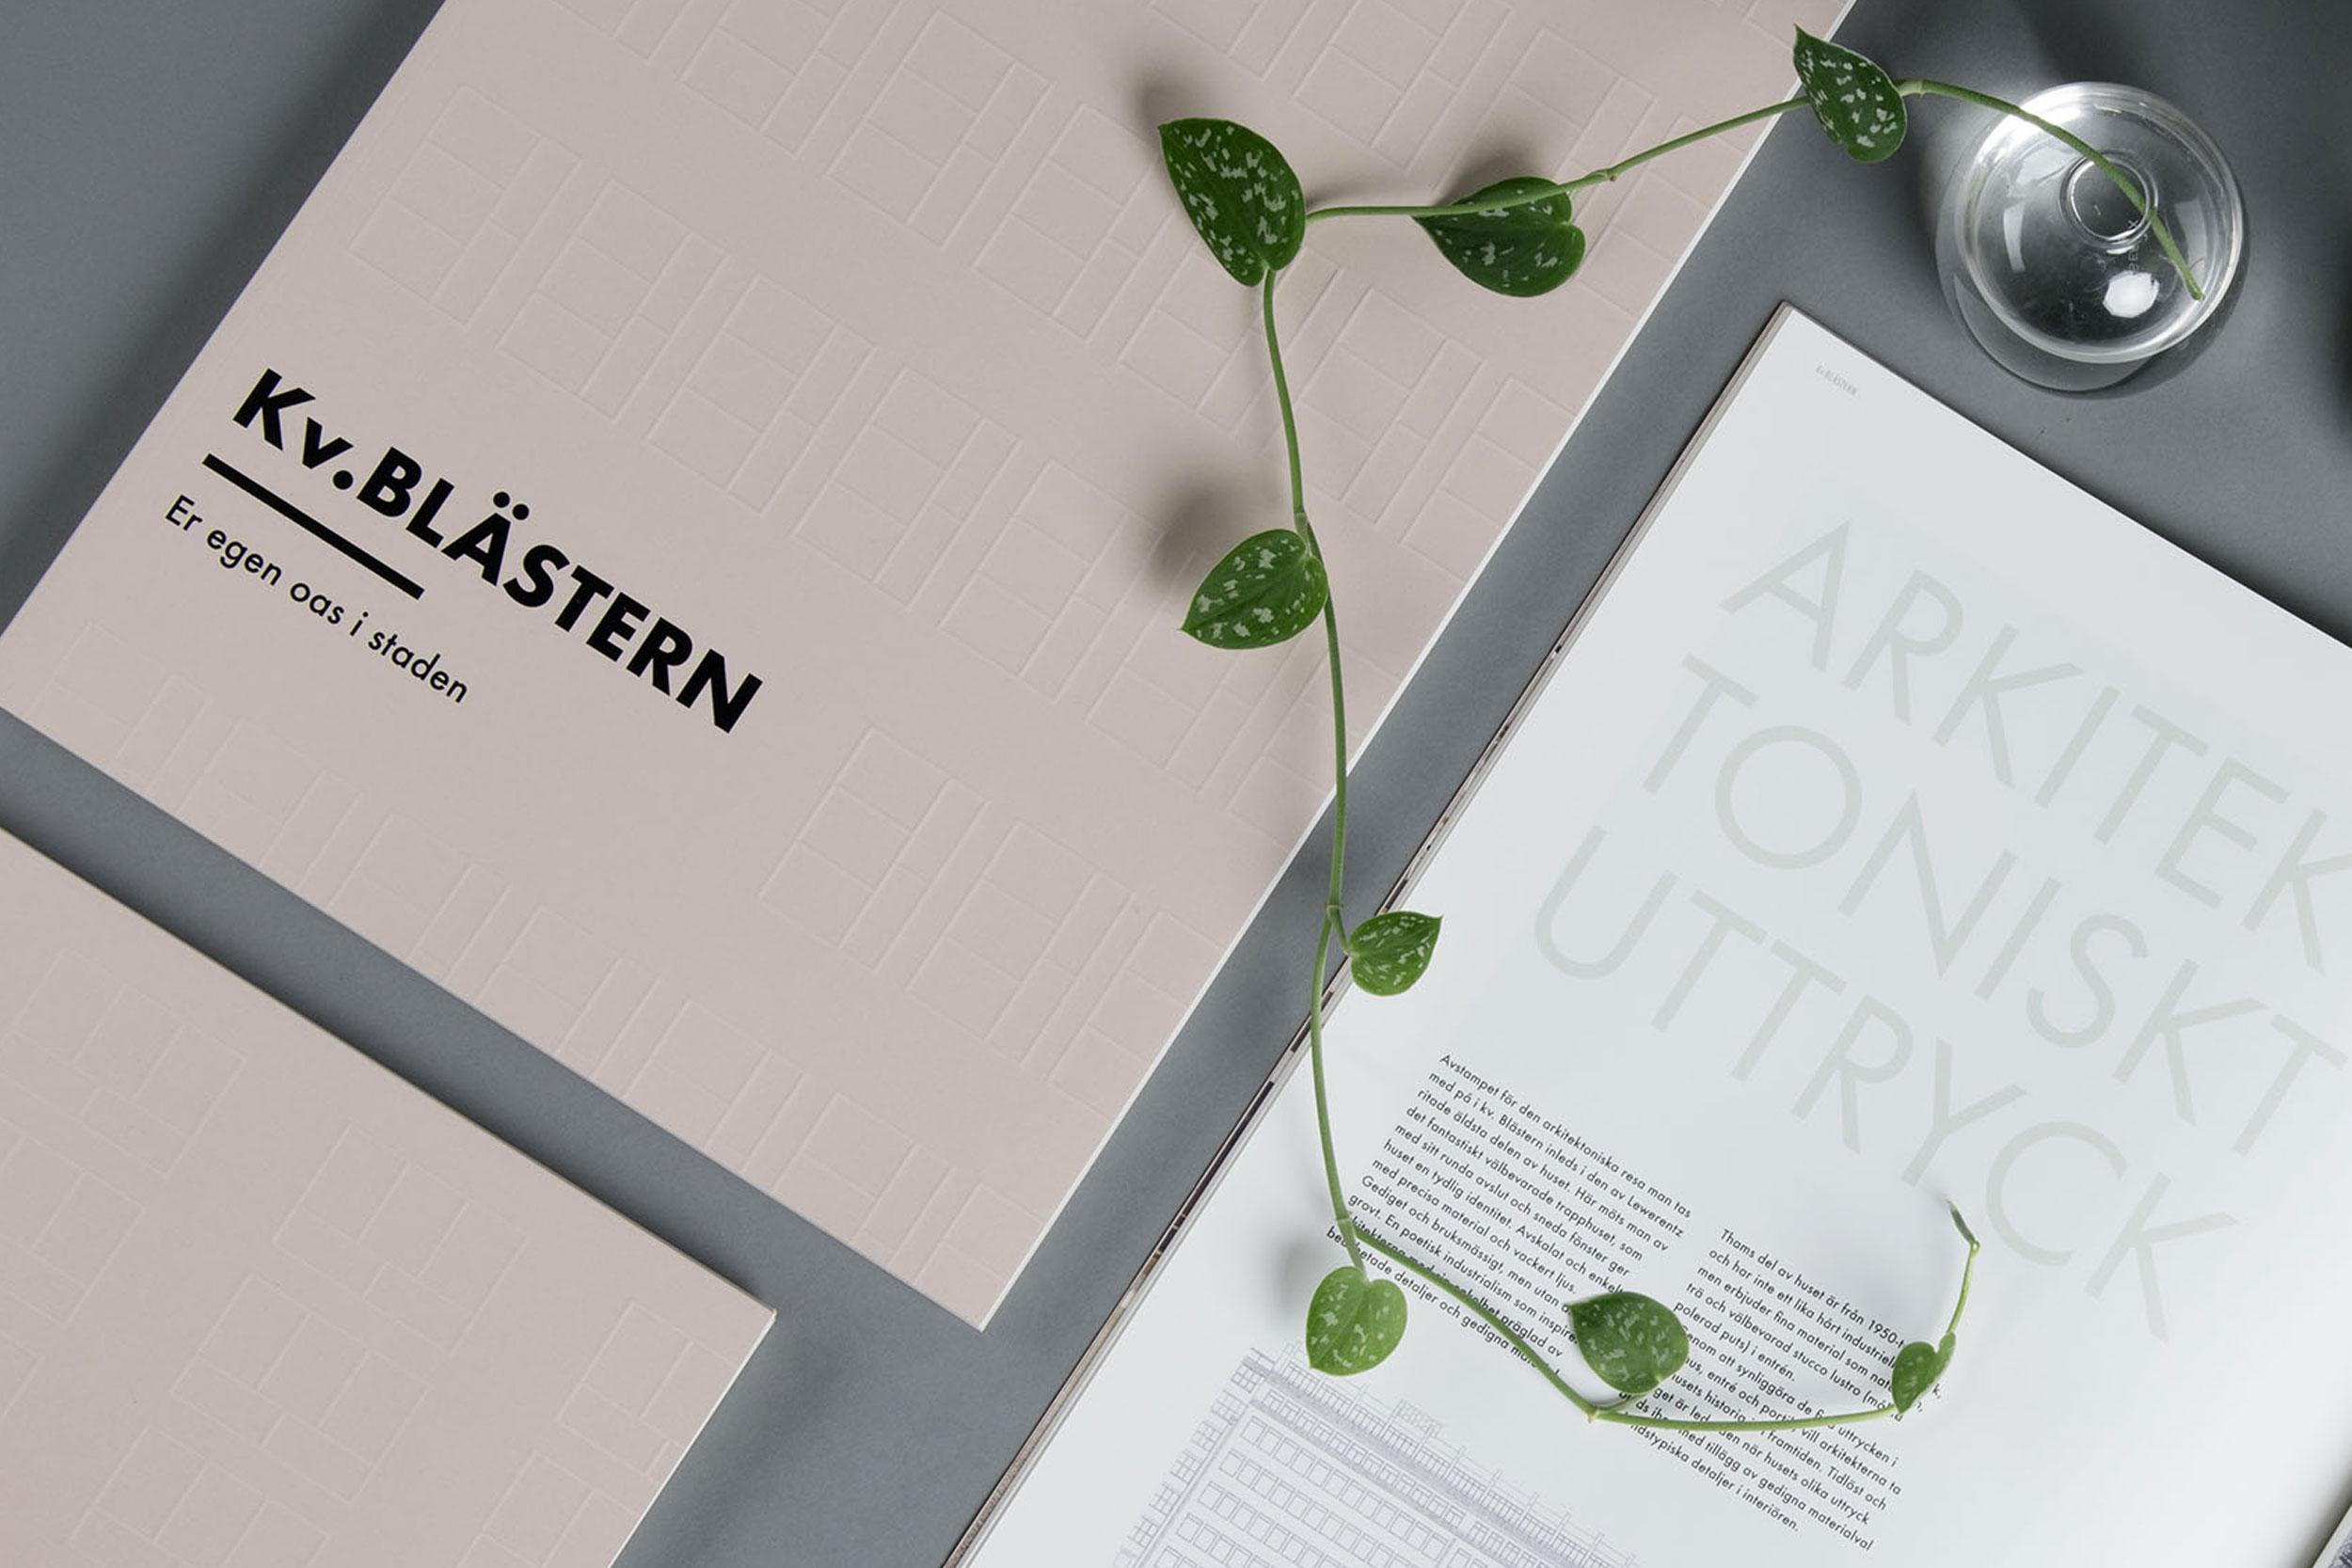 Kv. Blästern — Visual Identity